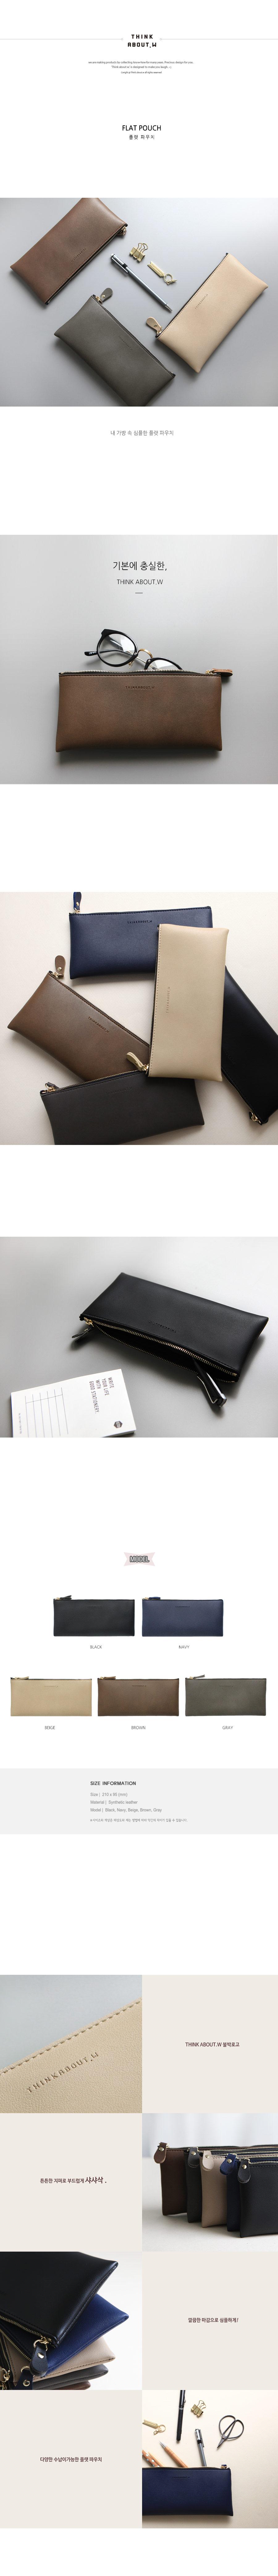 Think about 플랫 파우치 - Gray - 위드앨리스, 12,800원, 가죽/합성피혁필통, 심플